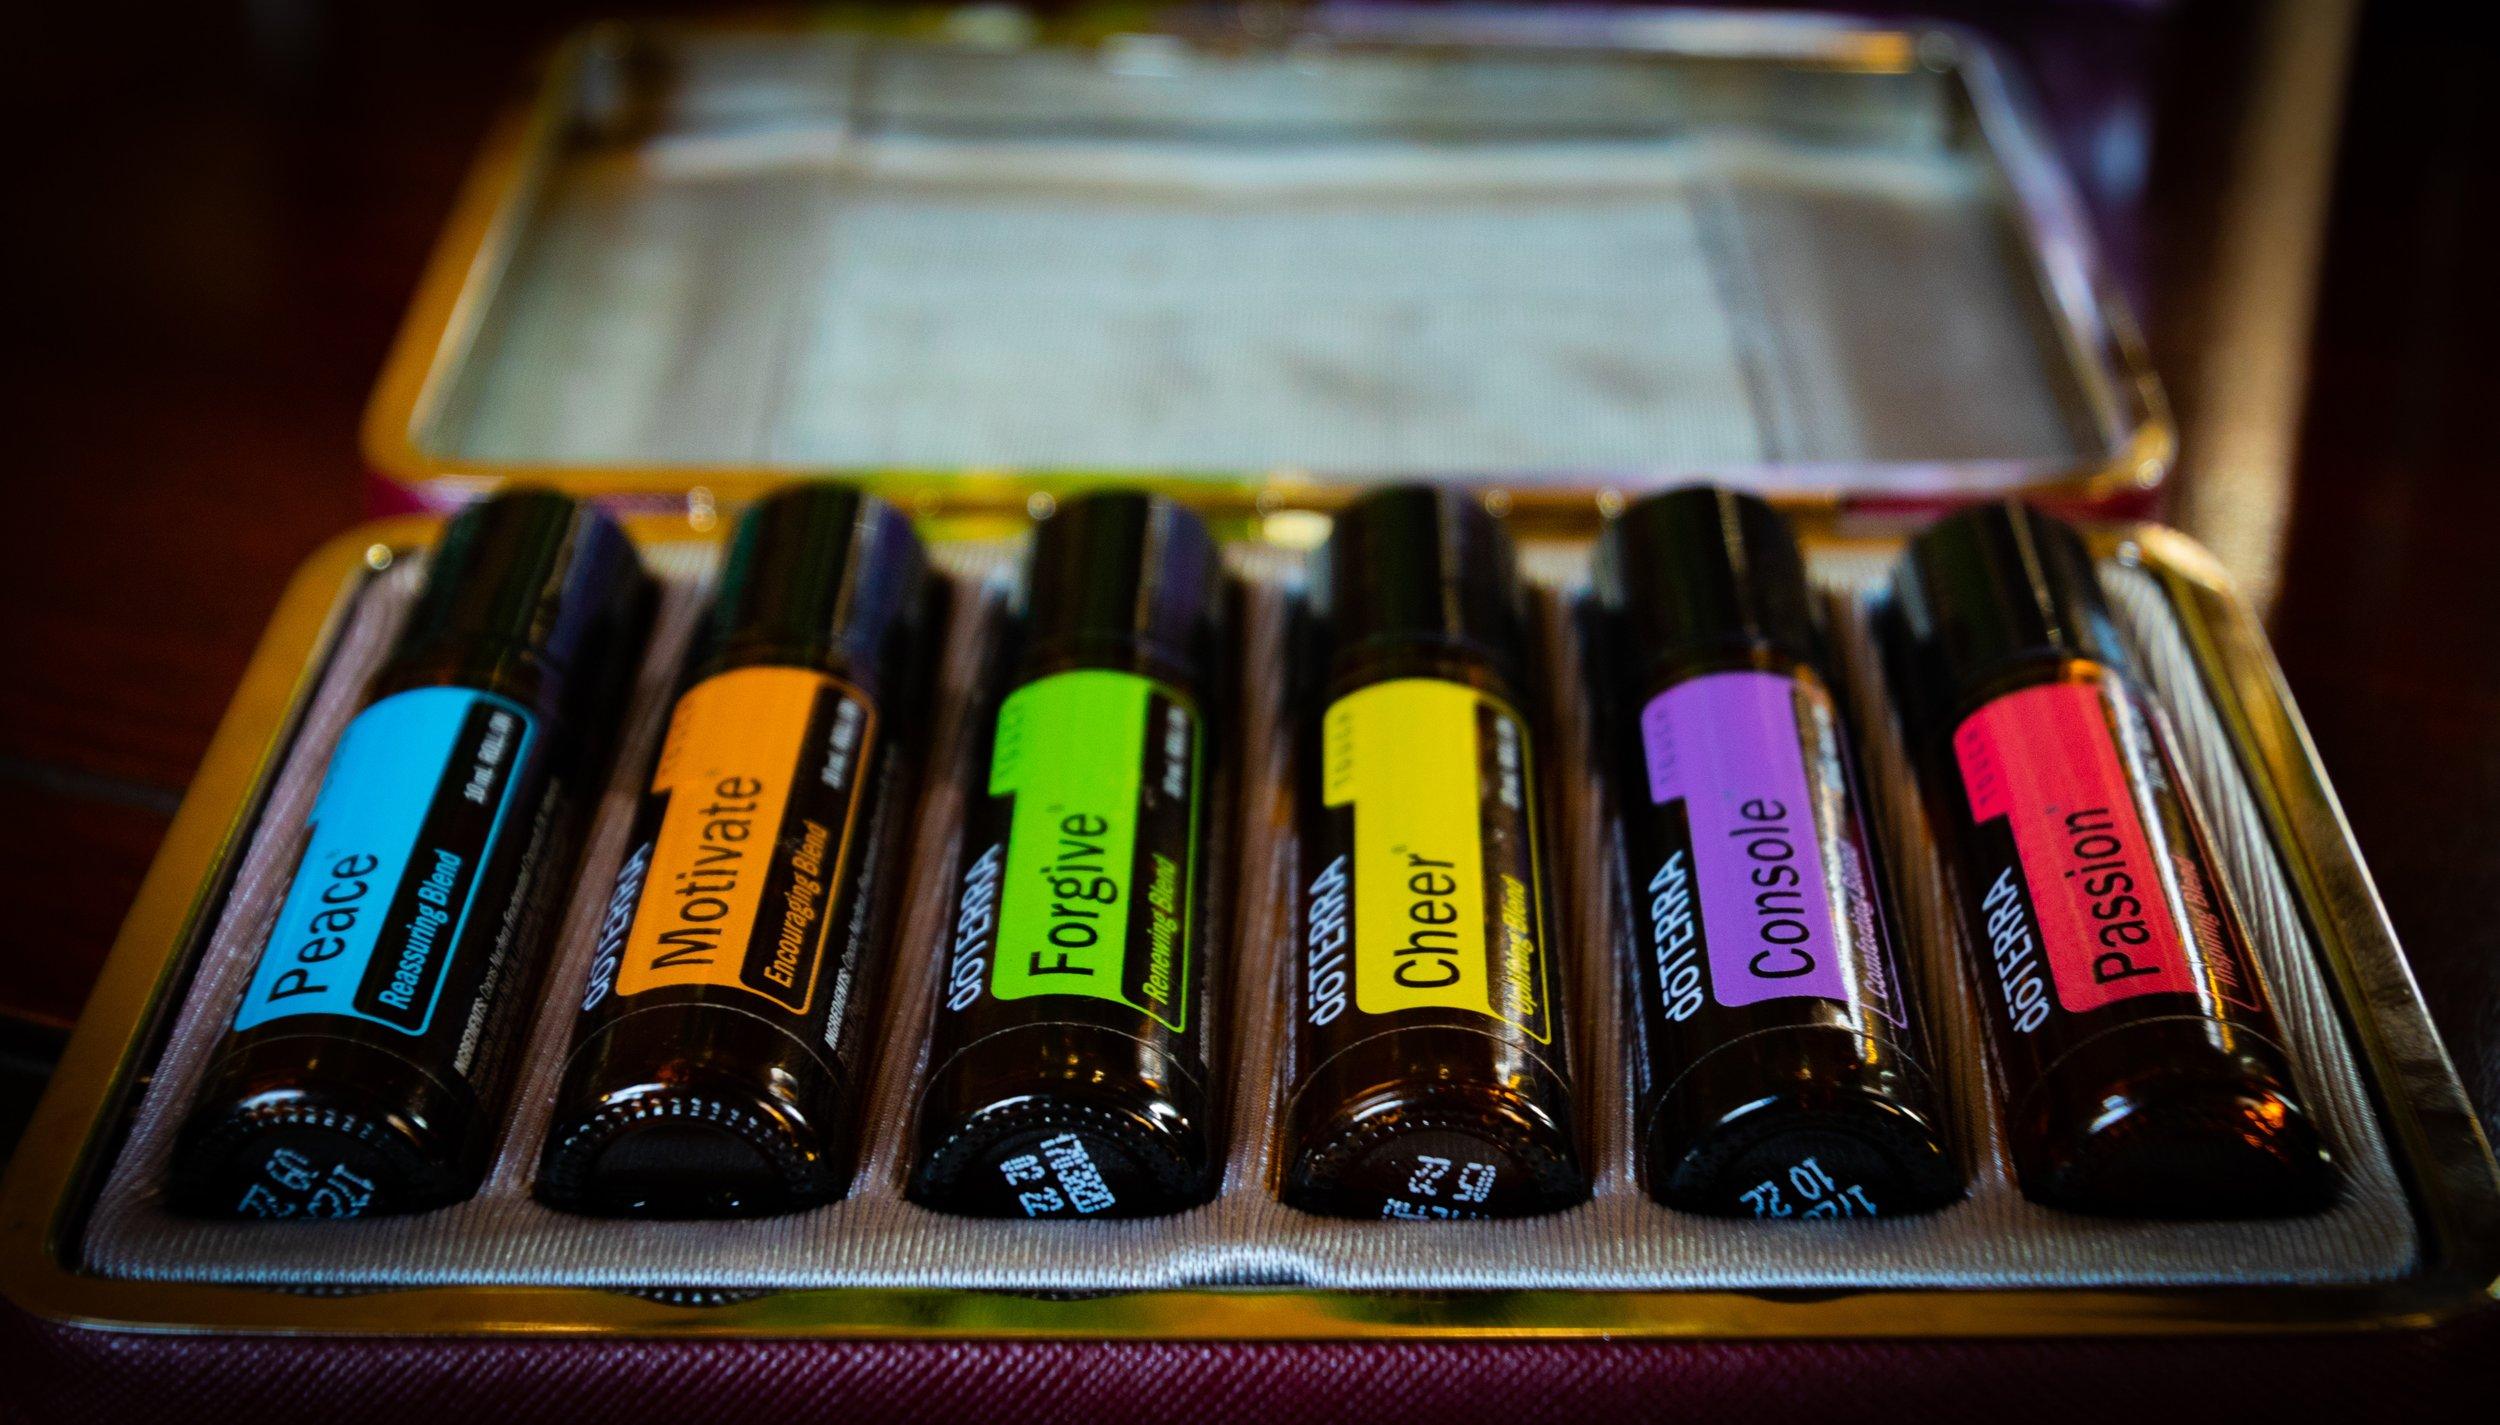 blend-bottles-case-1365460.jpg